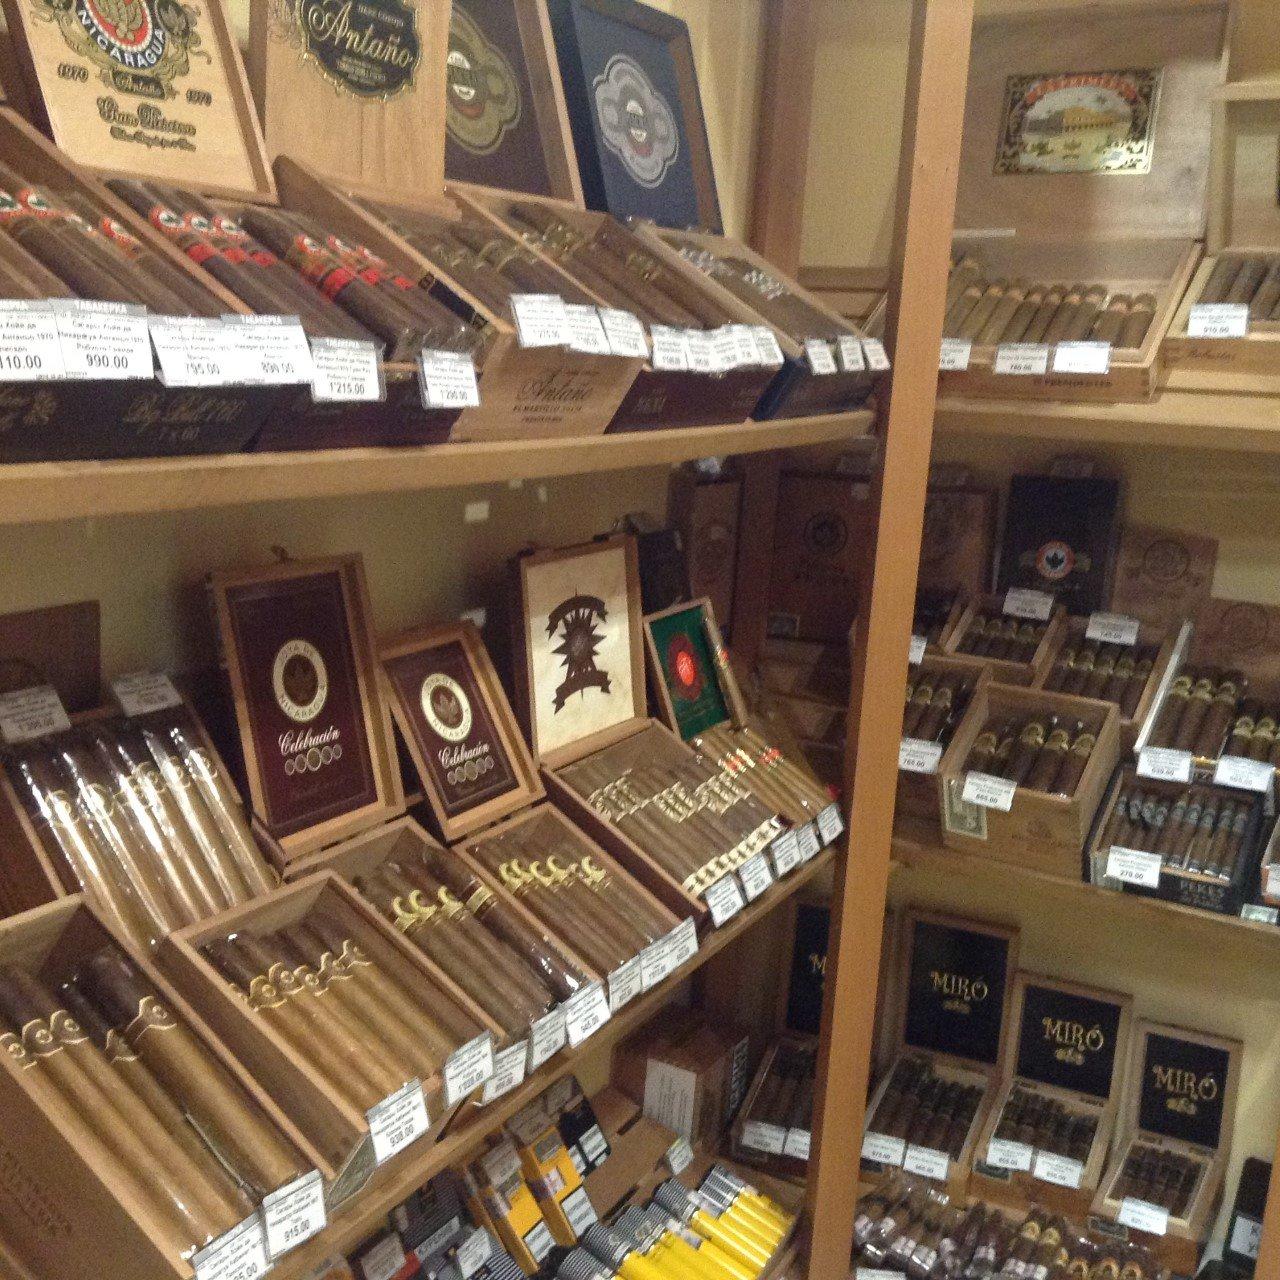 Купить сигареты в кировском районе hgd электронная сигарета купить нижний новгород